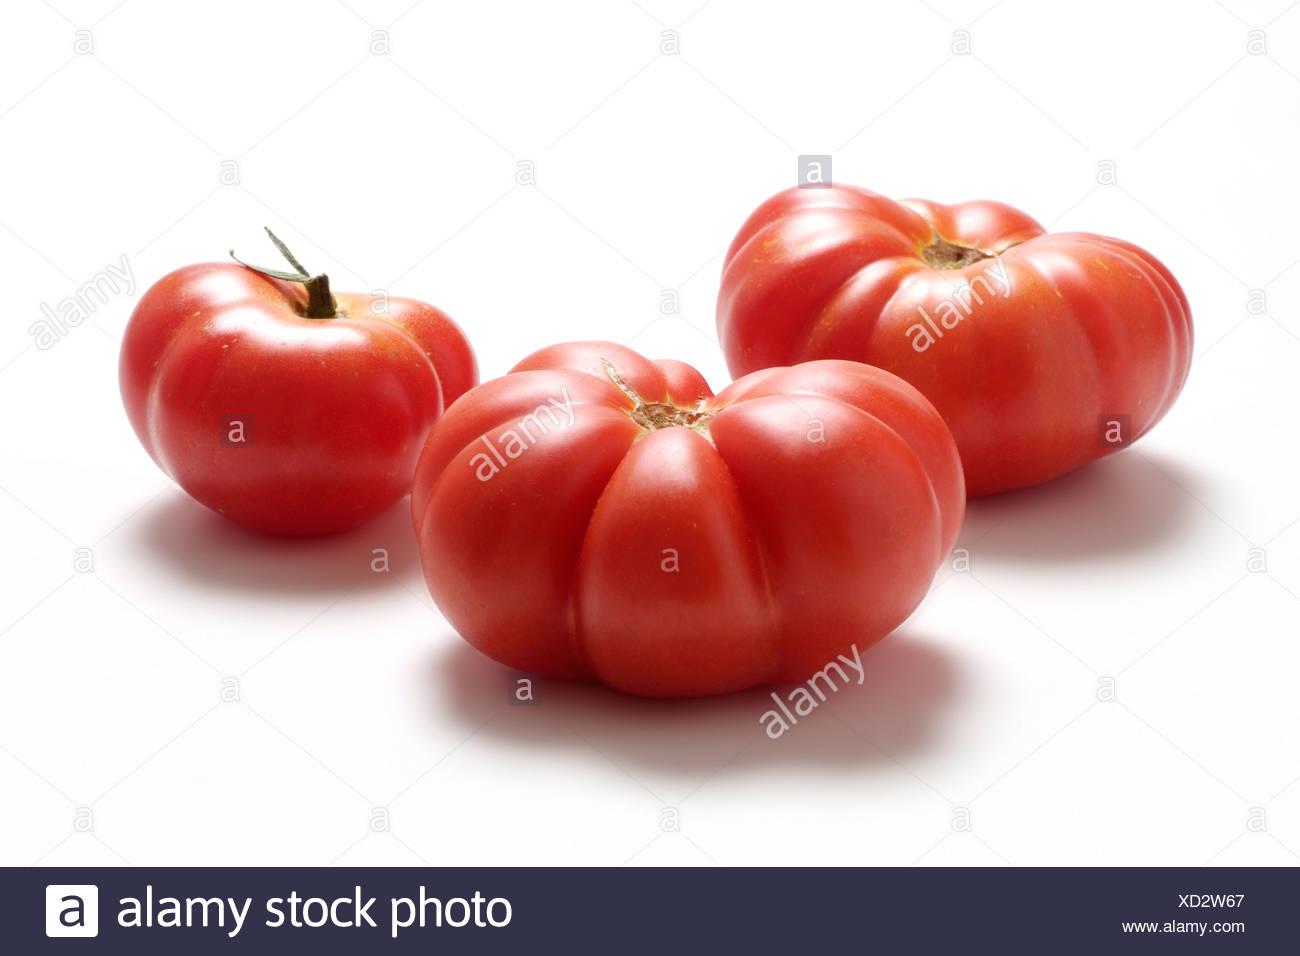 Tomato varieties: Kuessnachter - Stock Image